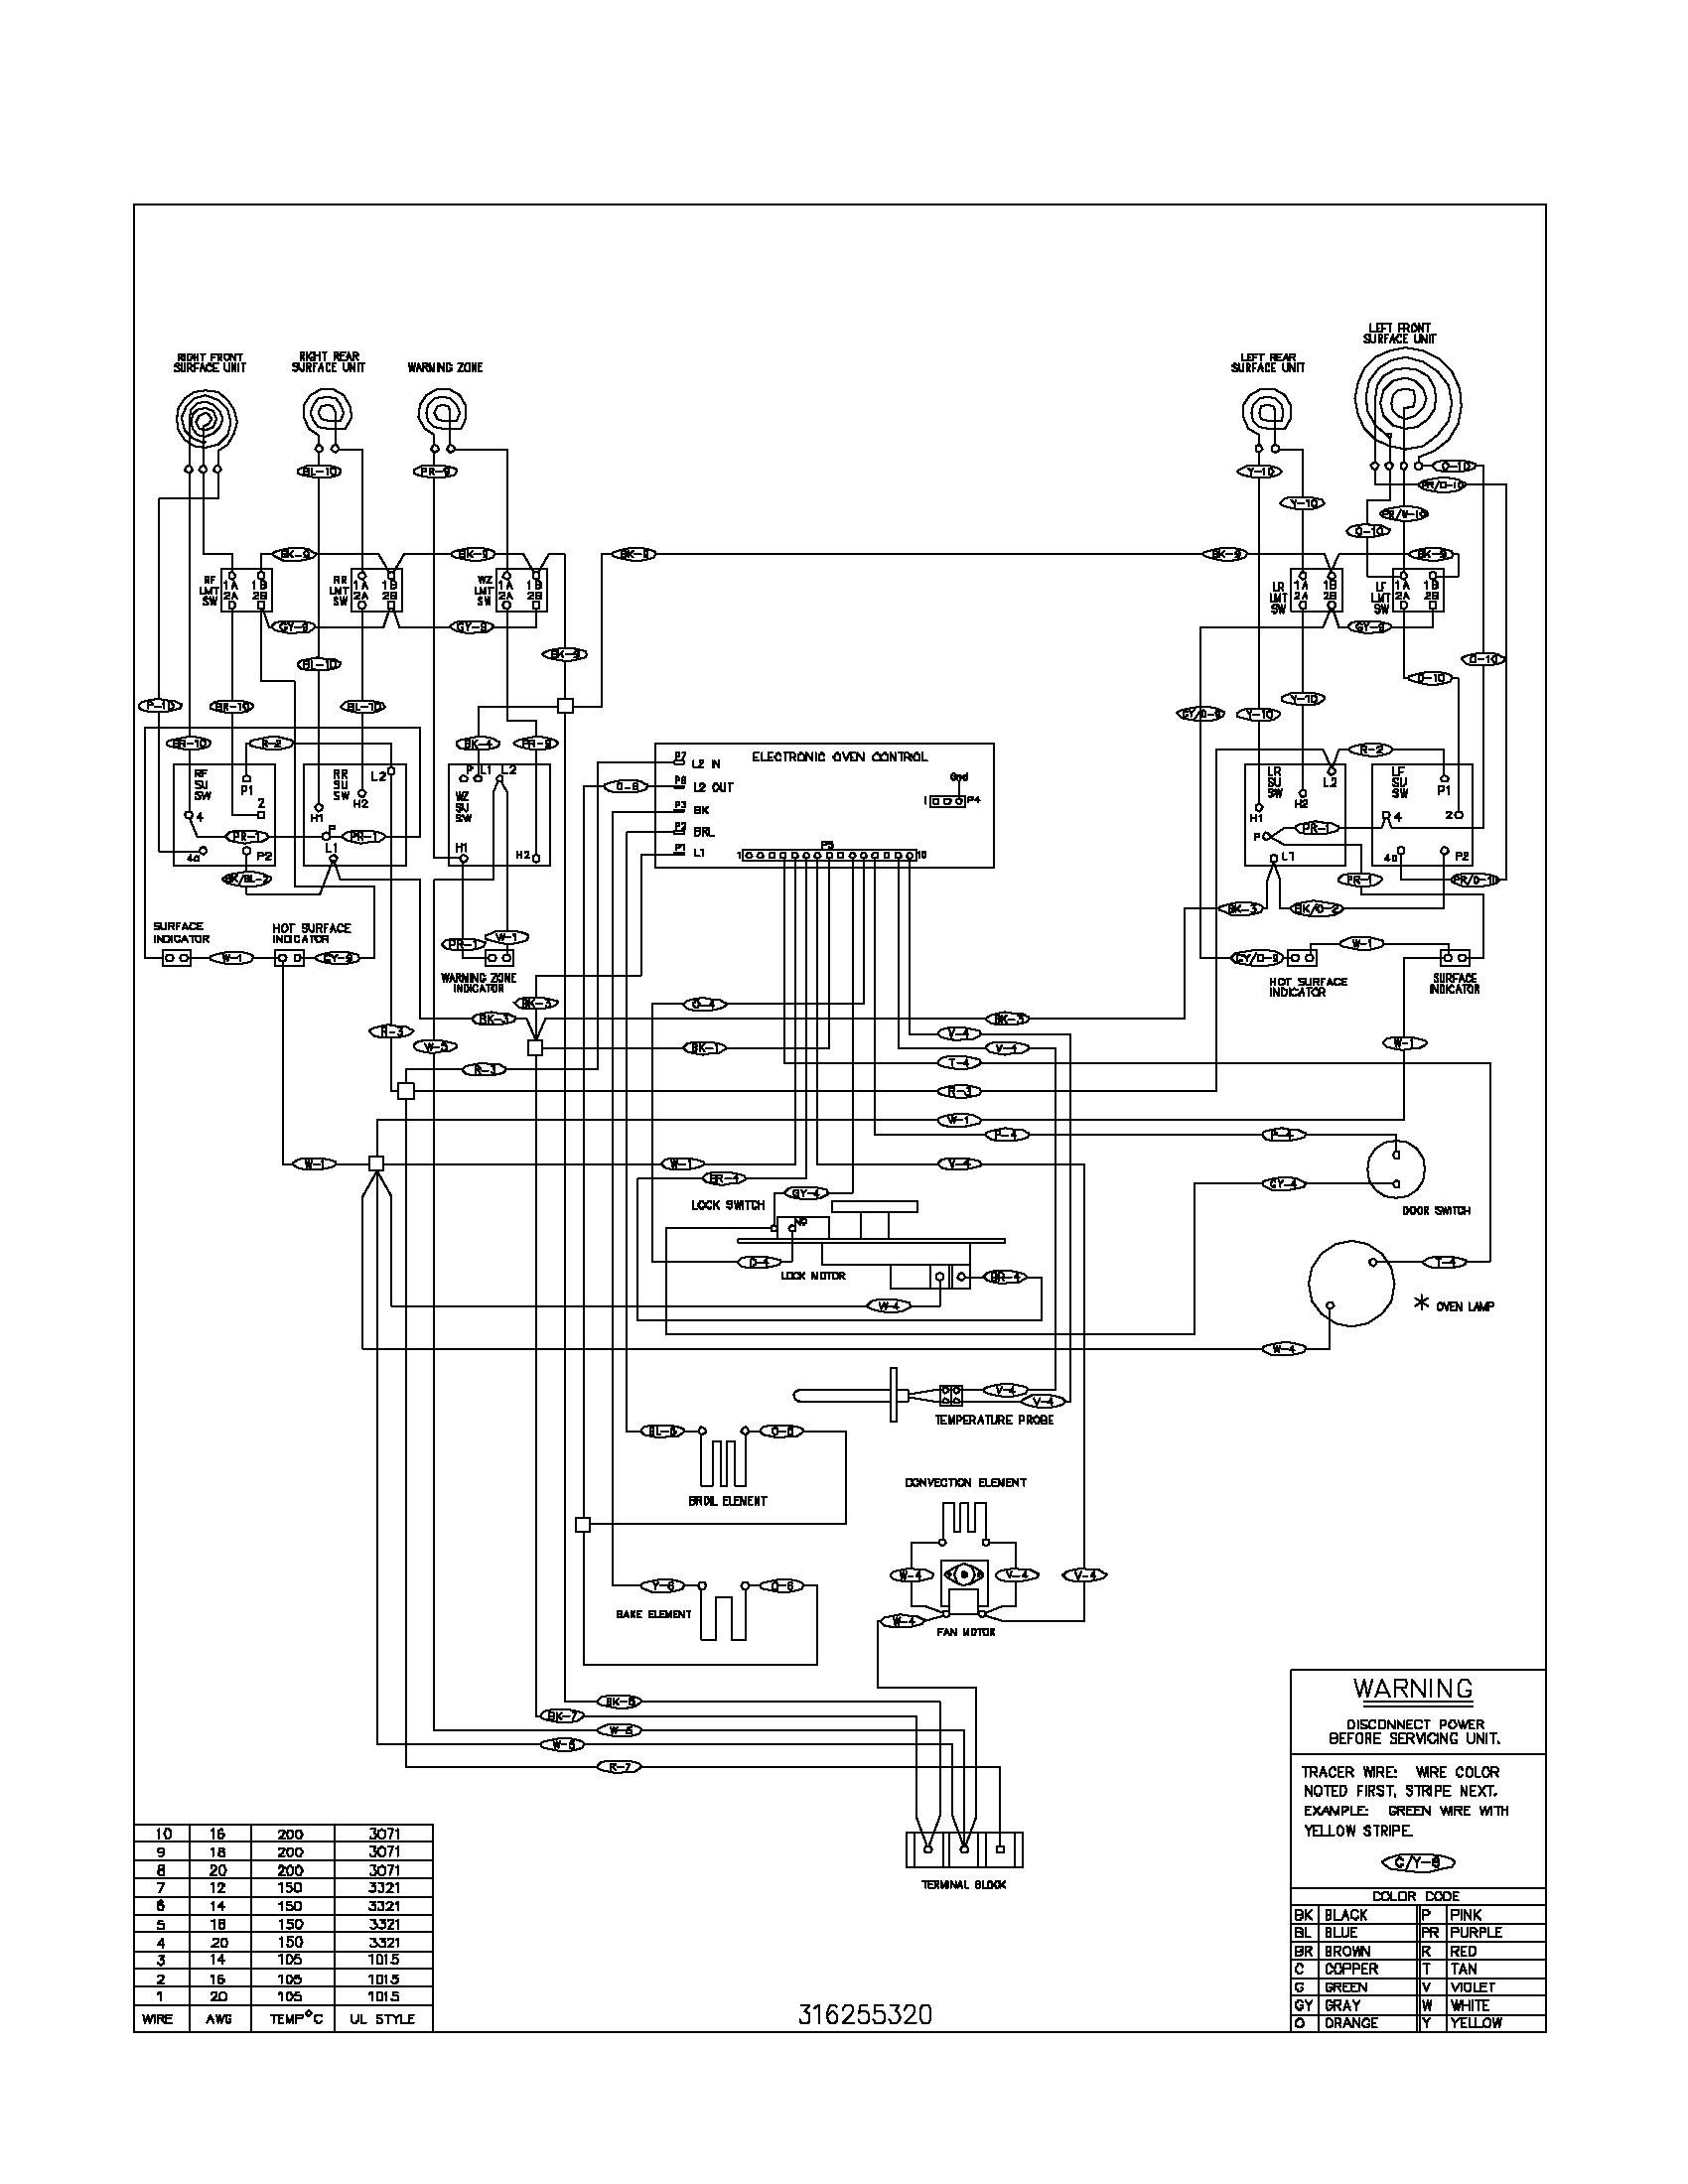 snorkelift atb 42 50 wiring diagram   35 wiring diagram